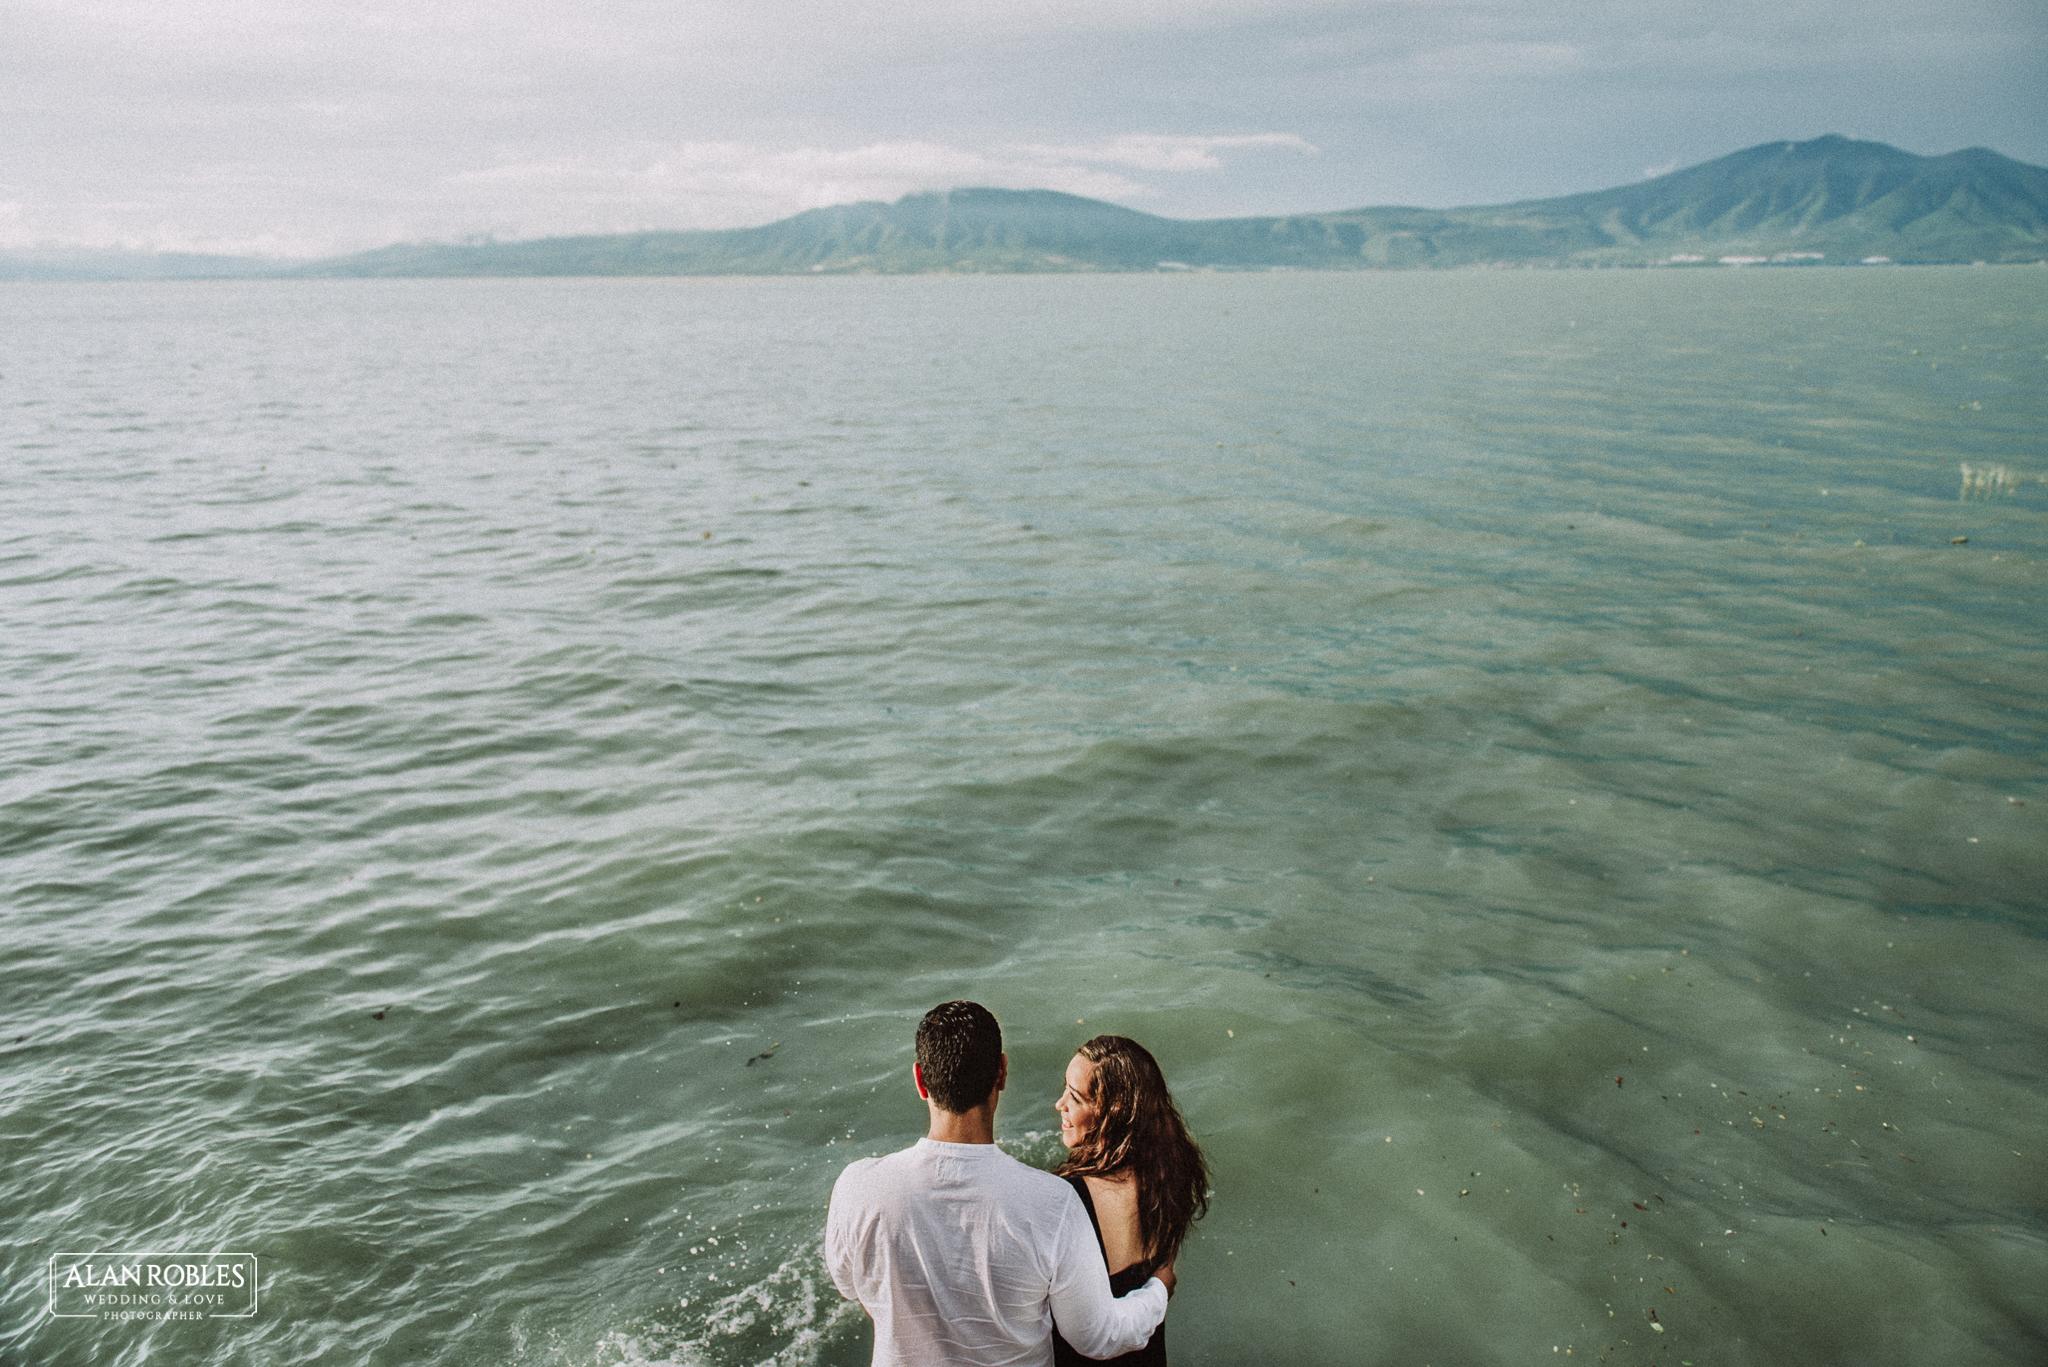 Sesion de fotos Preboda en Laguna de Chapala, Ajijic. Fotografia de bodas - Alan Robles Wedding & Love Photographer. Fotos creativas para boda. Ideas para fotos de boda. El mejor fotografo de bodas en Guadalajara. Lago de Ajijic y vista panoramica de montañas.